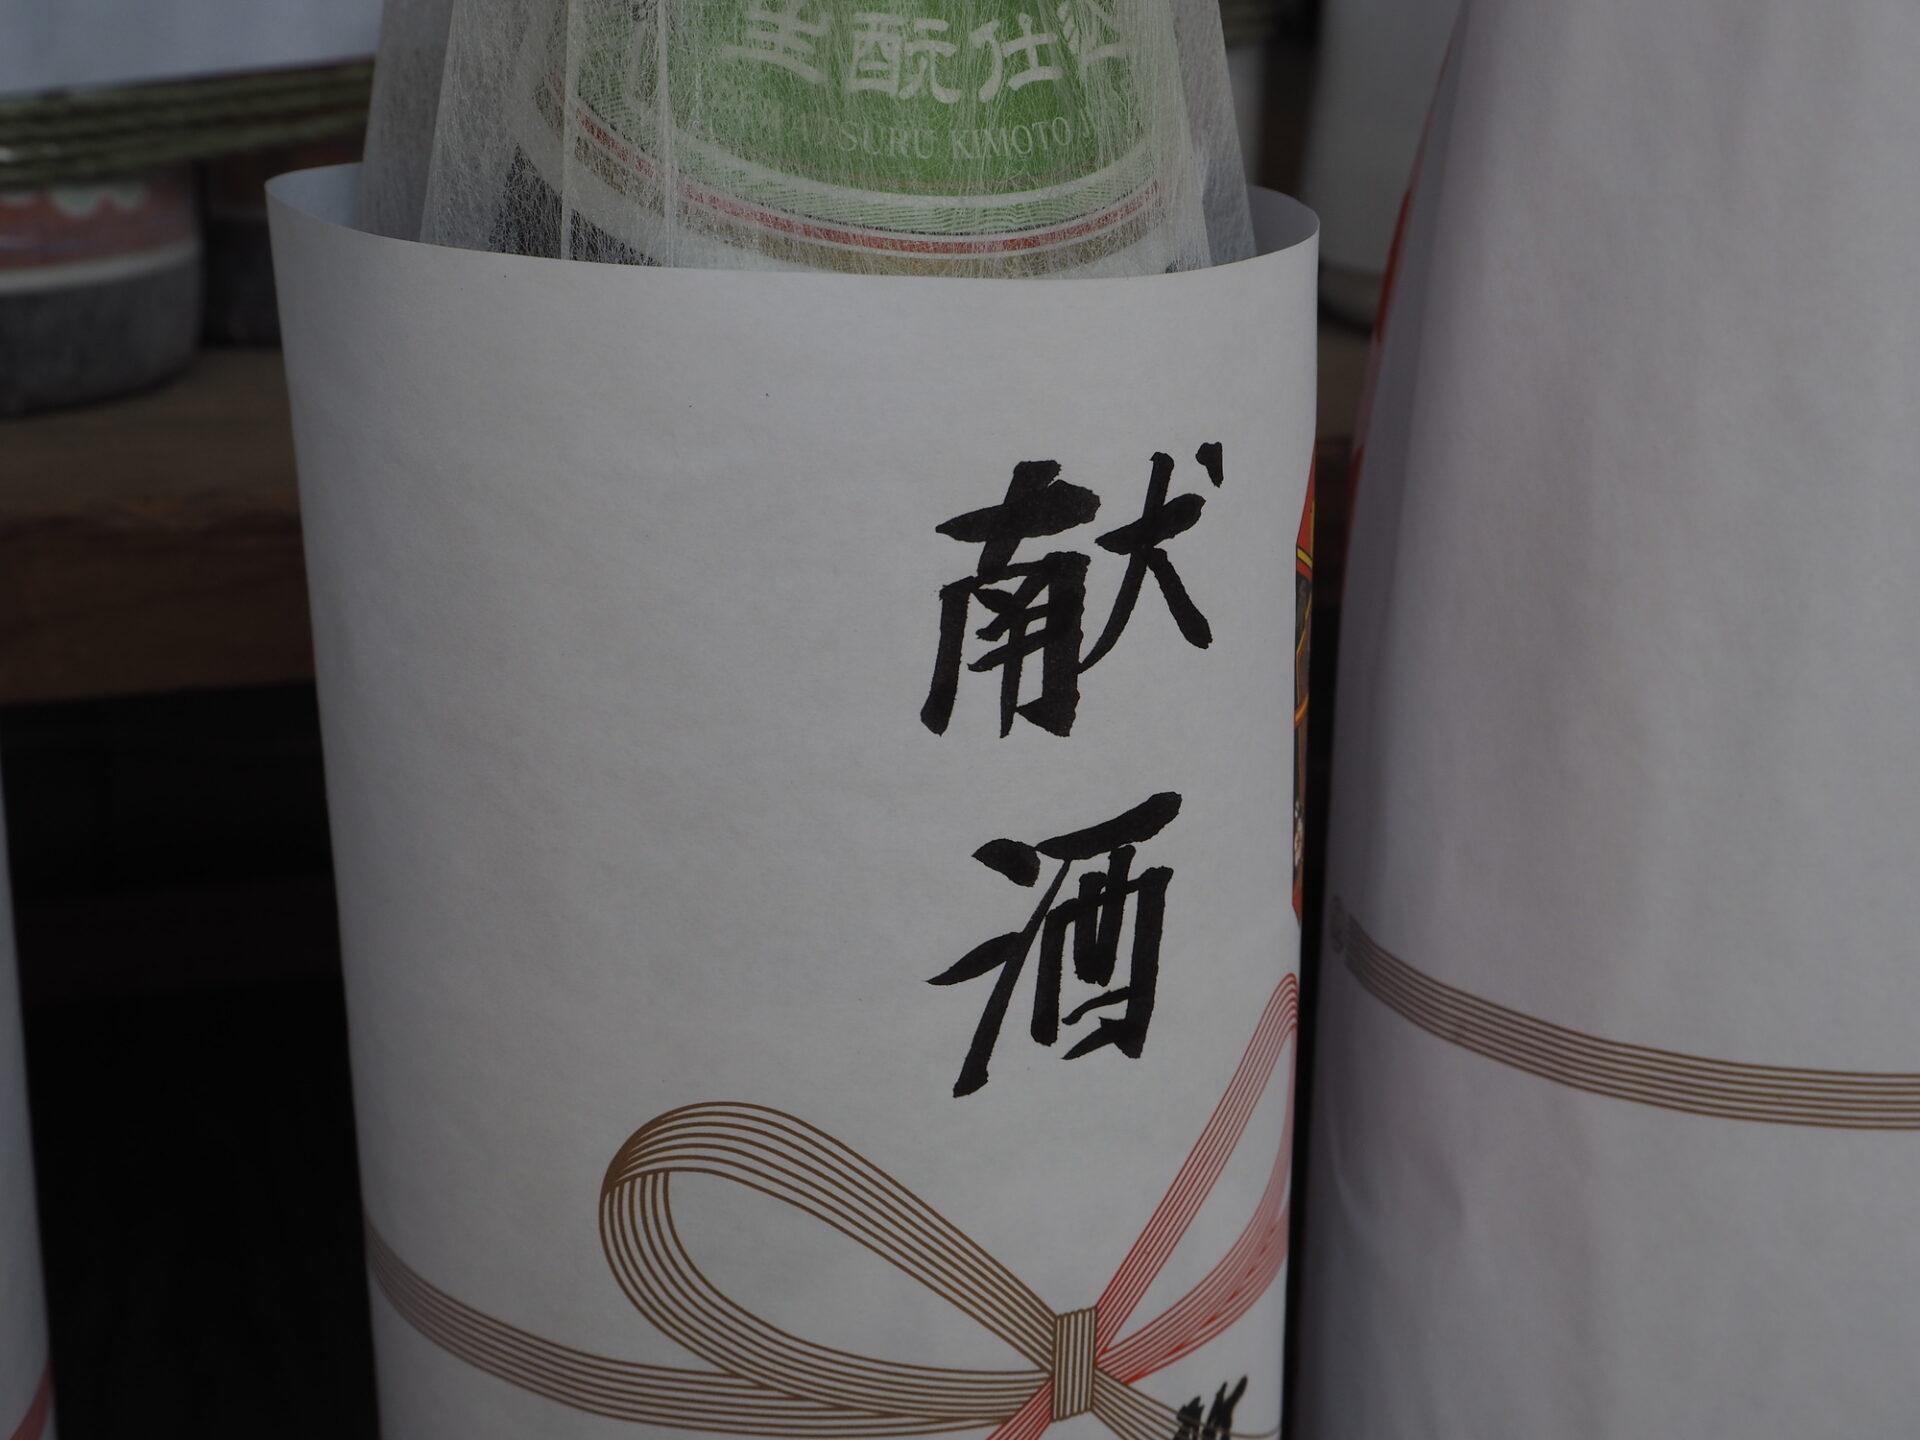 献酒用のお酒と熨斗がかけられた酒瓶